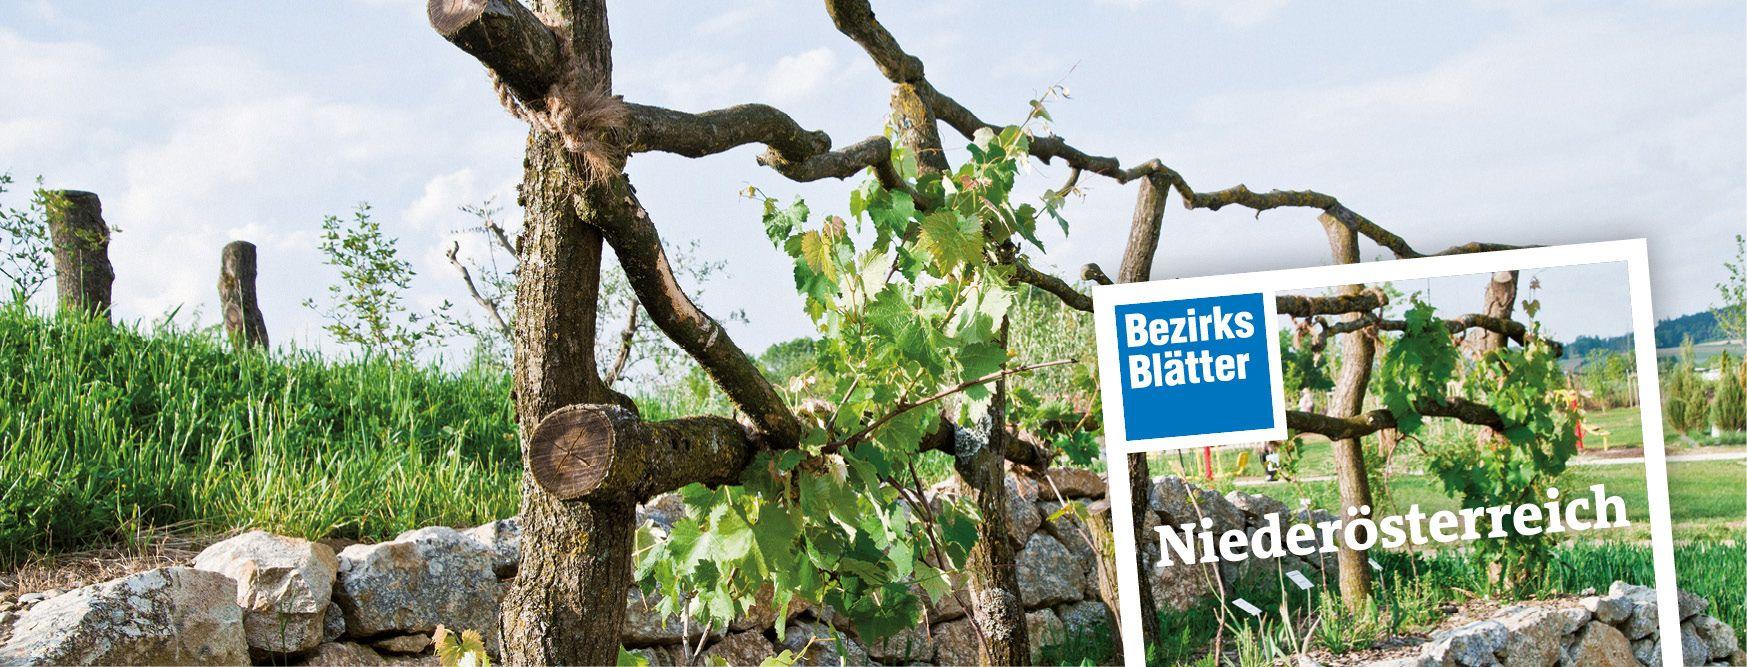 Bezirksblätter Niederösterreich: Tarif, Kontakt, E-Paper, meinbezirk.at, Mediadaten, Streuliste, Beilagen, Technische Daten